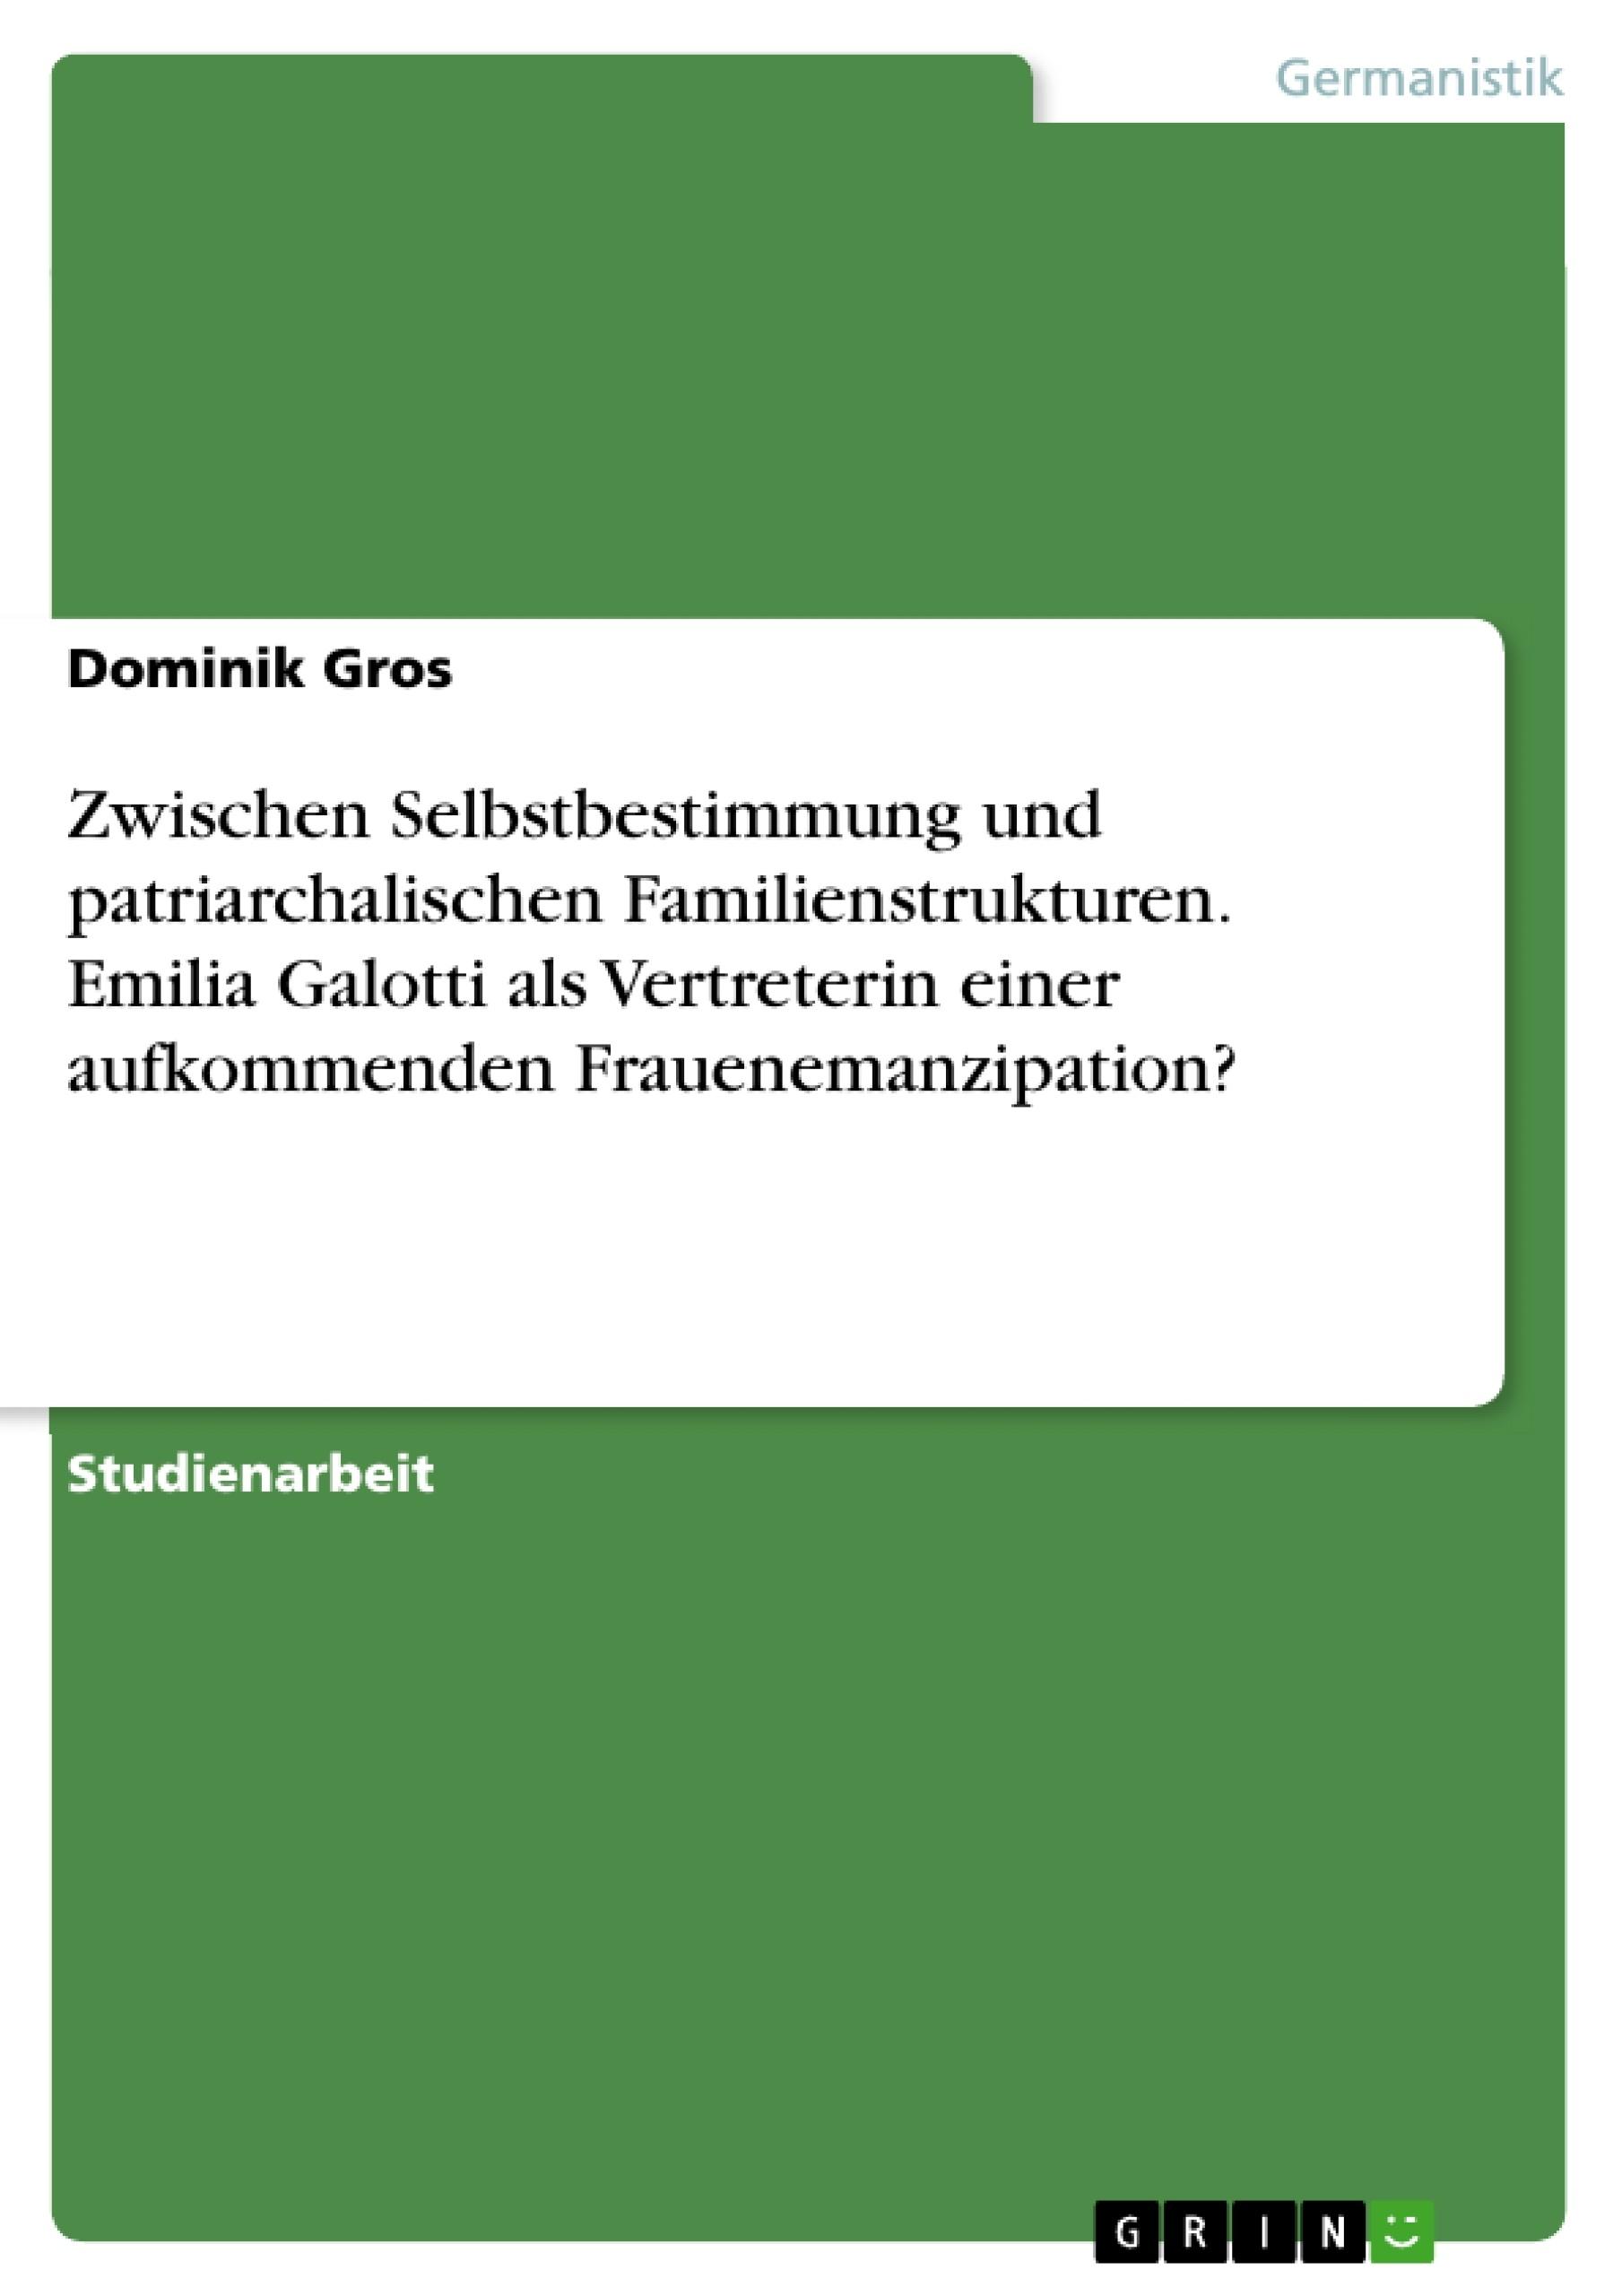 Titel: Zwischen Selbstbestimmung und patriarchalischen Familienstrukturen. Emilia Galotti als Vertreterin einer aufkommenden Frauenemanzipation?